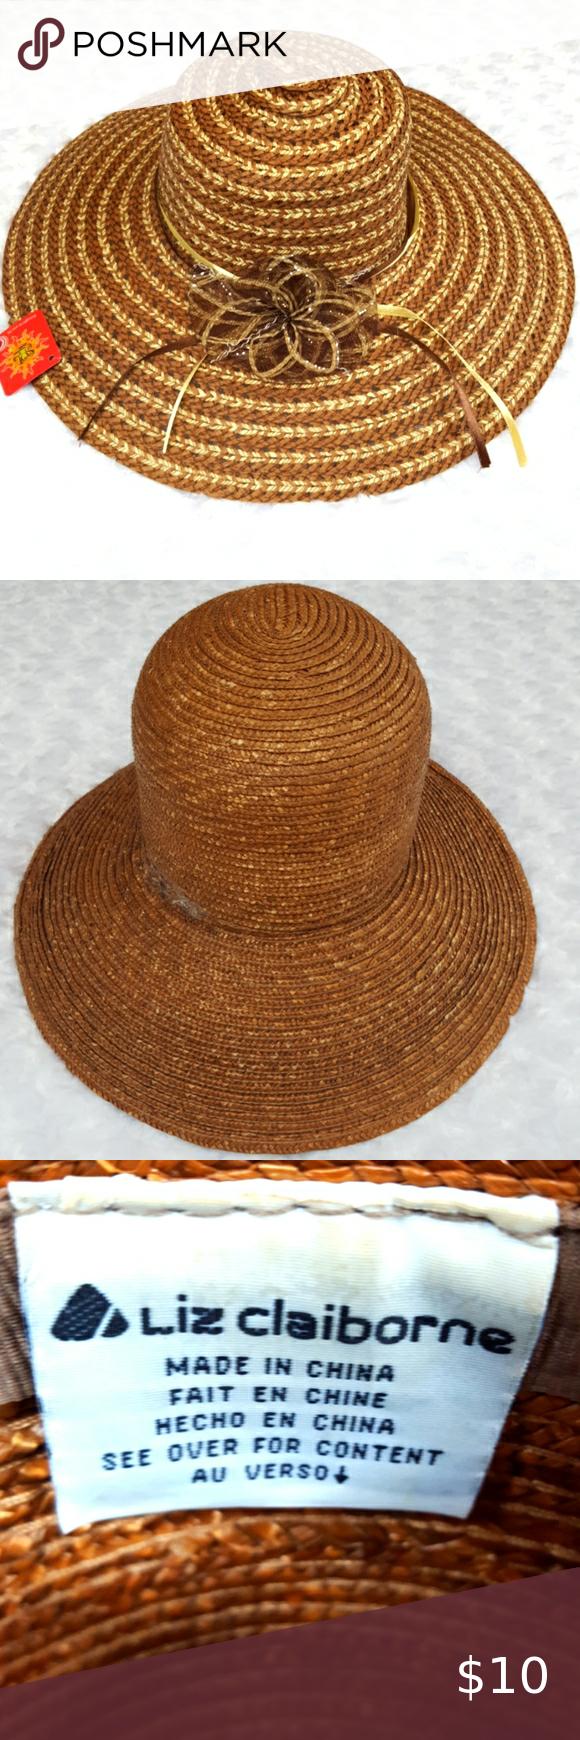 Hats Polo Ralph Lauren Hats Knitting Girls Girls Knit Beanie